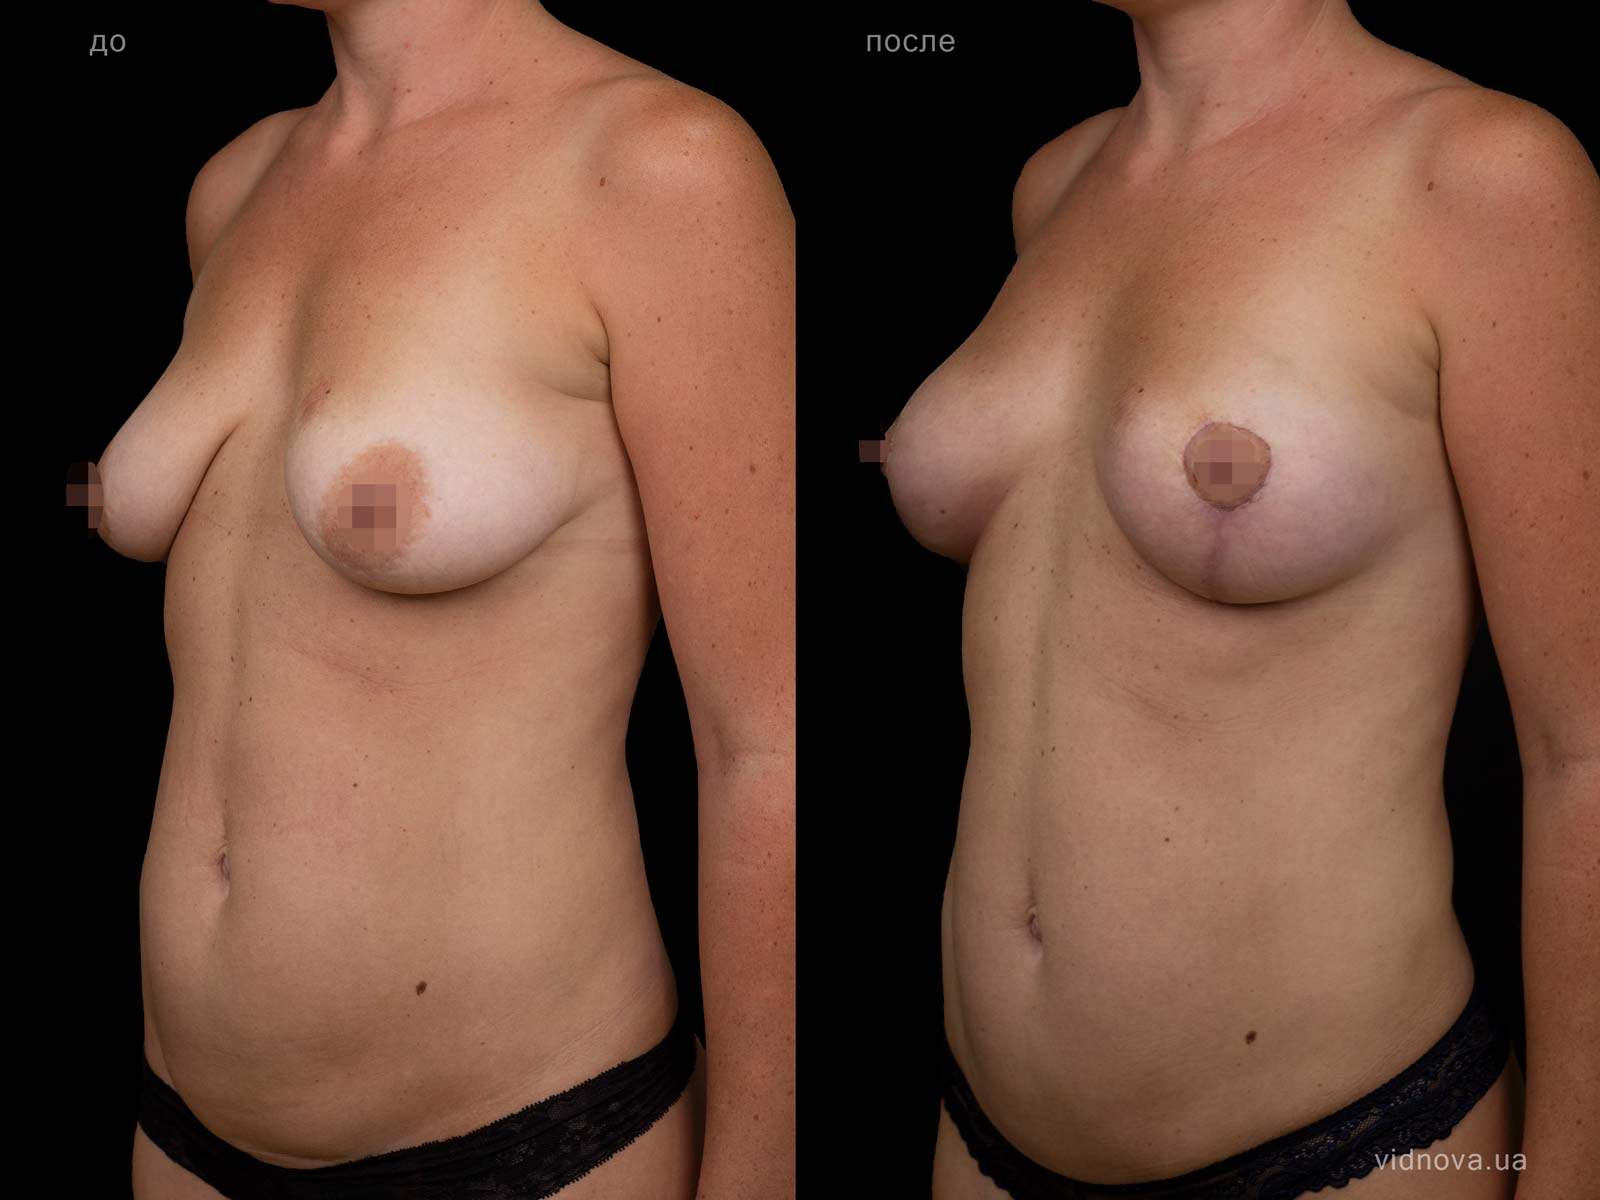 Пластика груди: результаты до и после - Пример №94-1 - Светлана Работенко